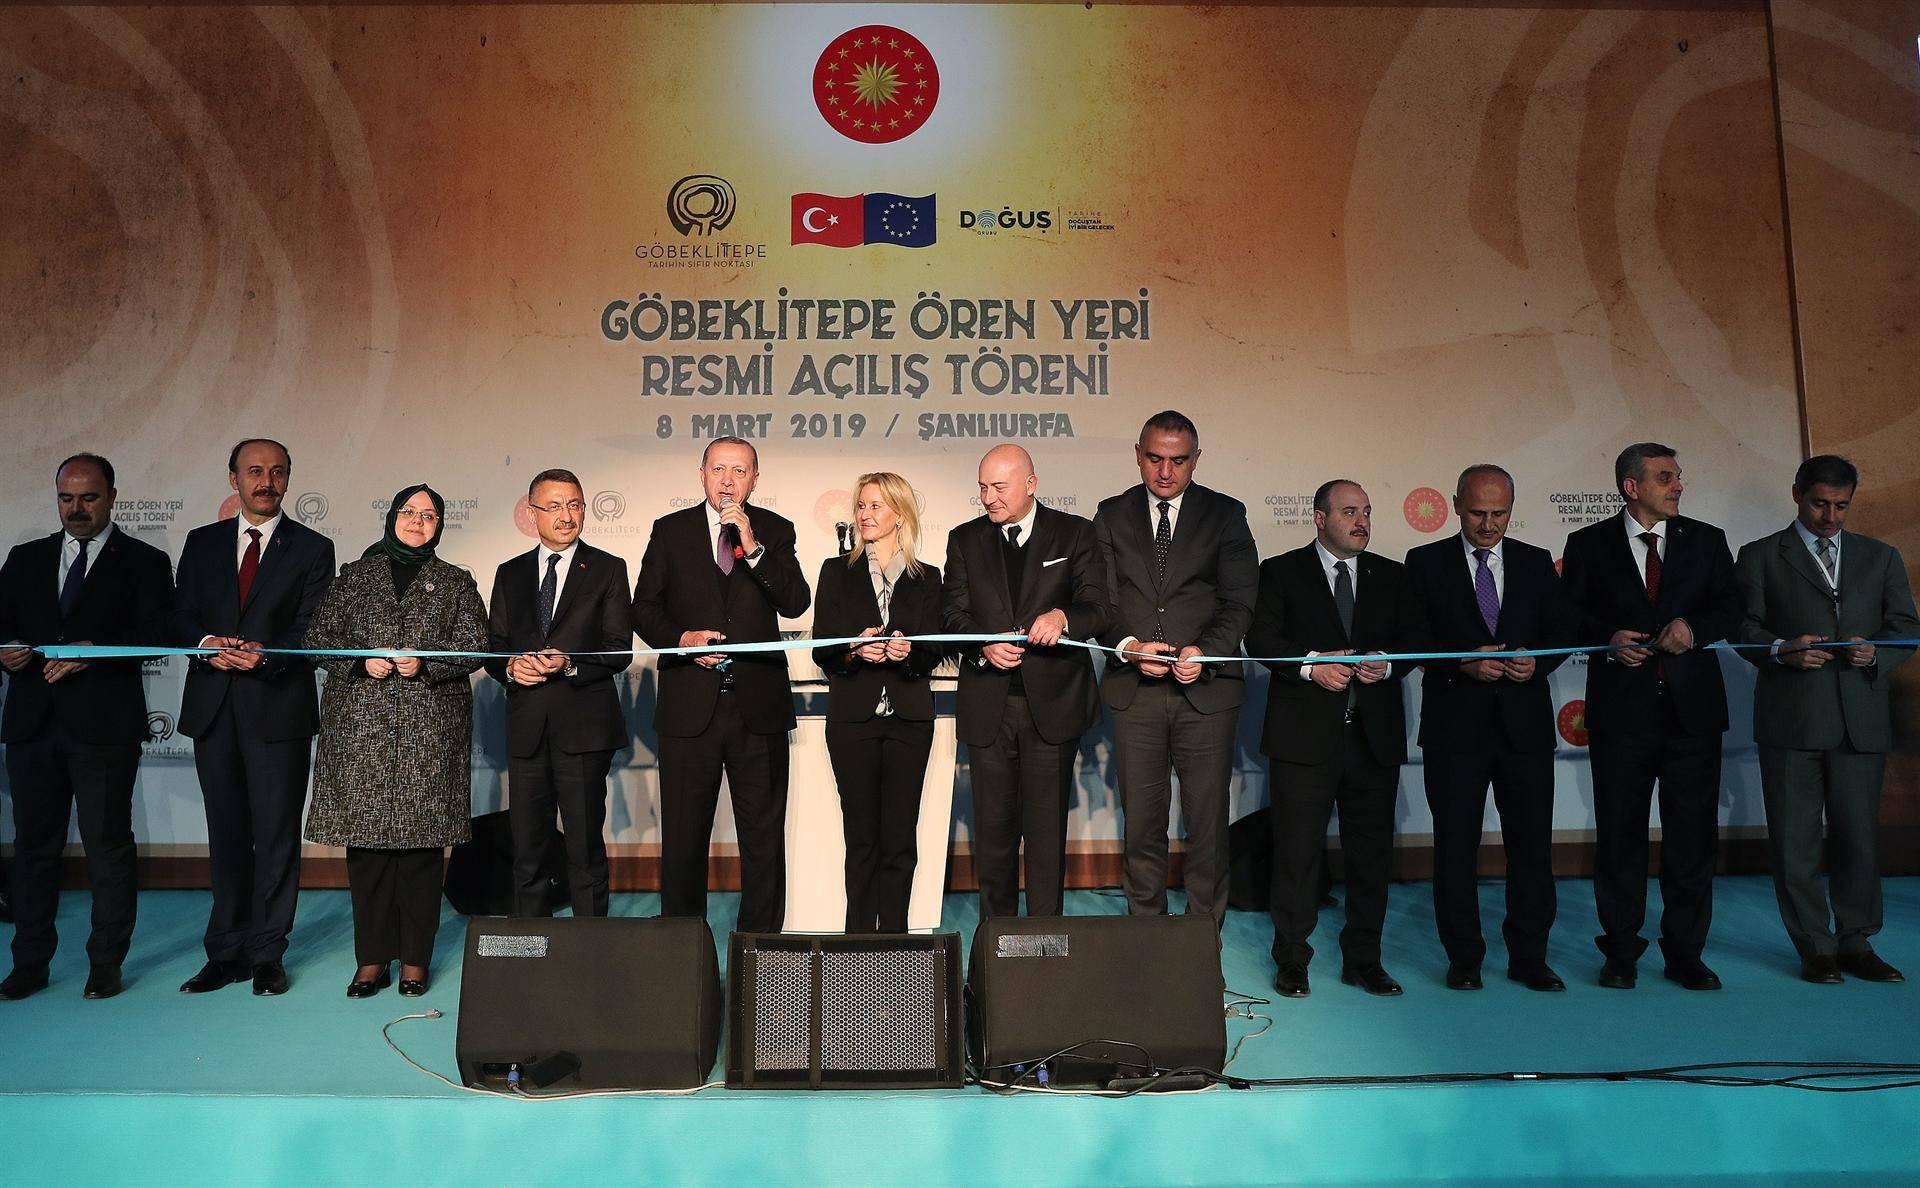 göbeklitepe erdoğan açılış